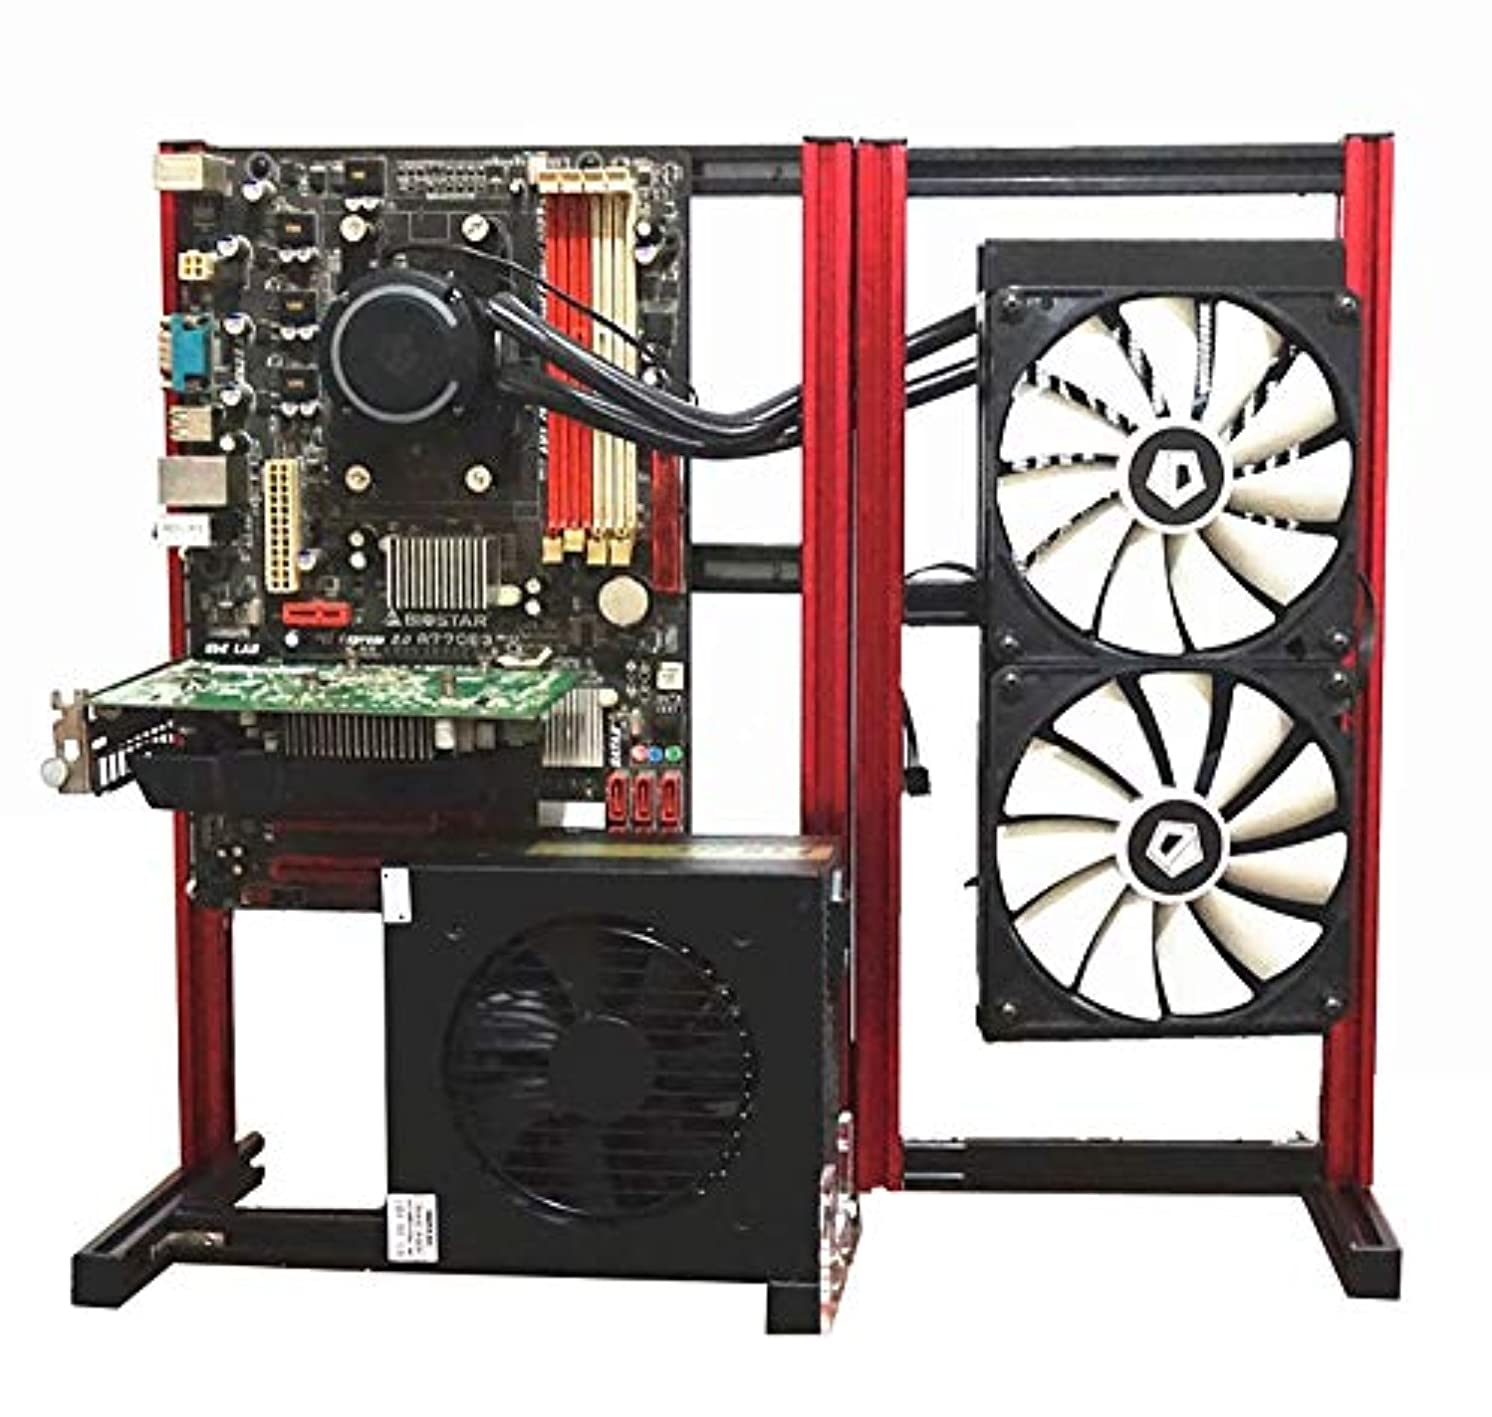 グレーフォークITX MATX ATX PC テストベンチ 拡張 折りたたみ式 コンピューター オープン PIO フレーム オーバークロック エアケース アルミニウム HTPC サポート グラフィックスカード ブラック